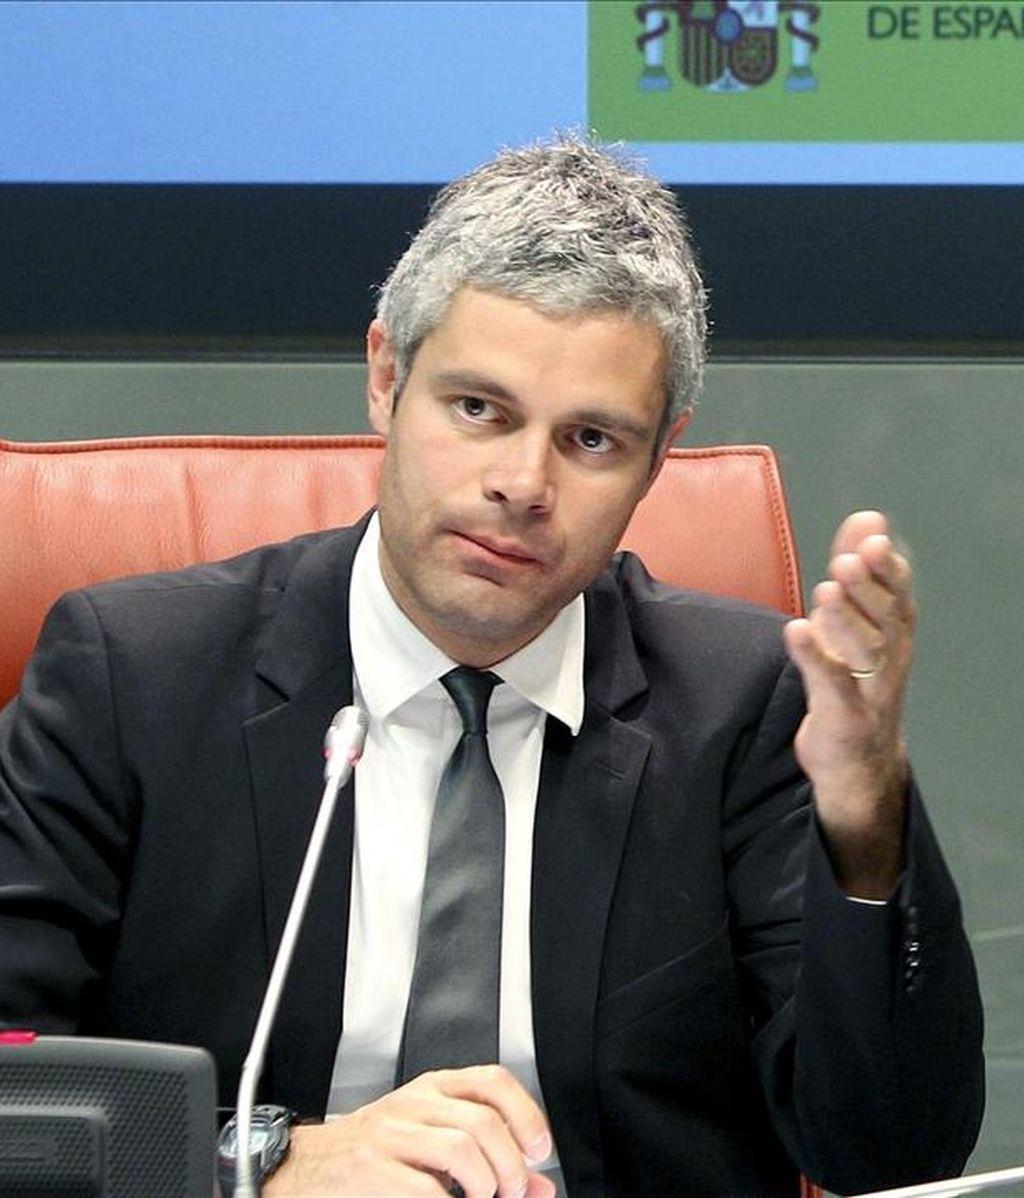 El ministro francés de Asuntos Europeos, Laurent Wauquiez. EFE/Archivo